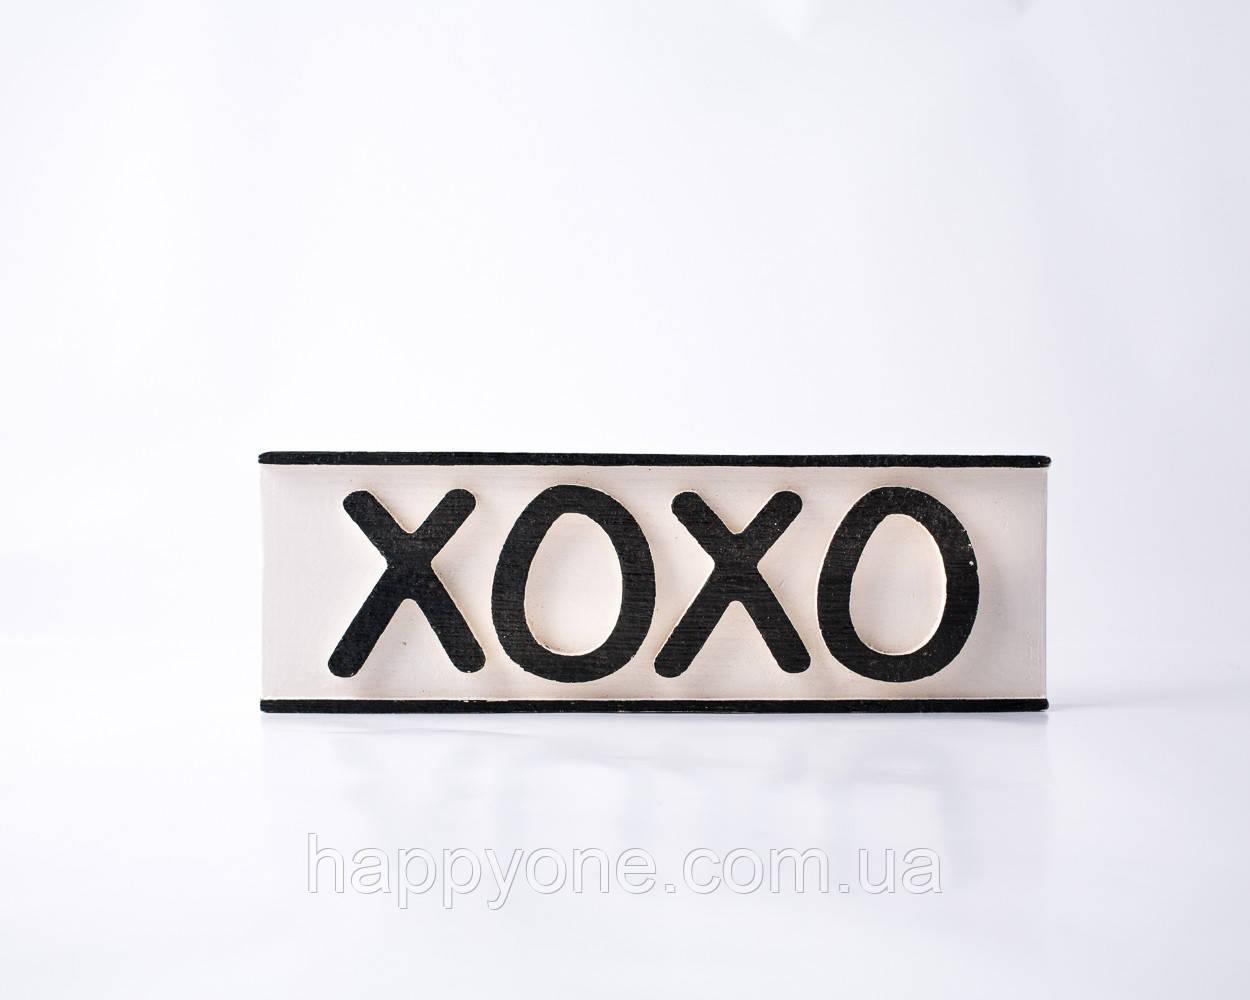 Вывеска XOXO